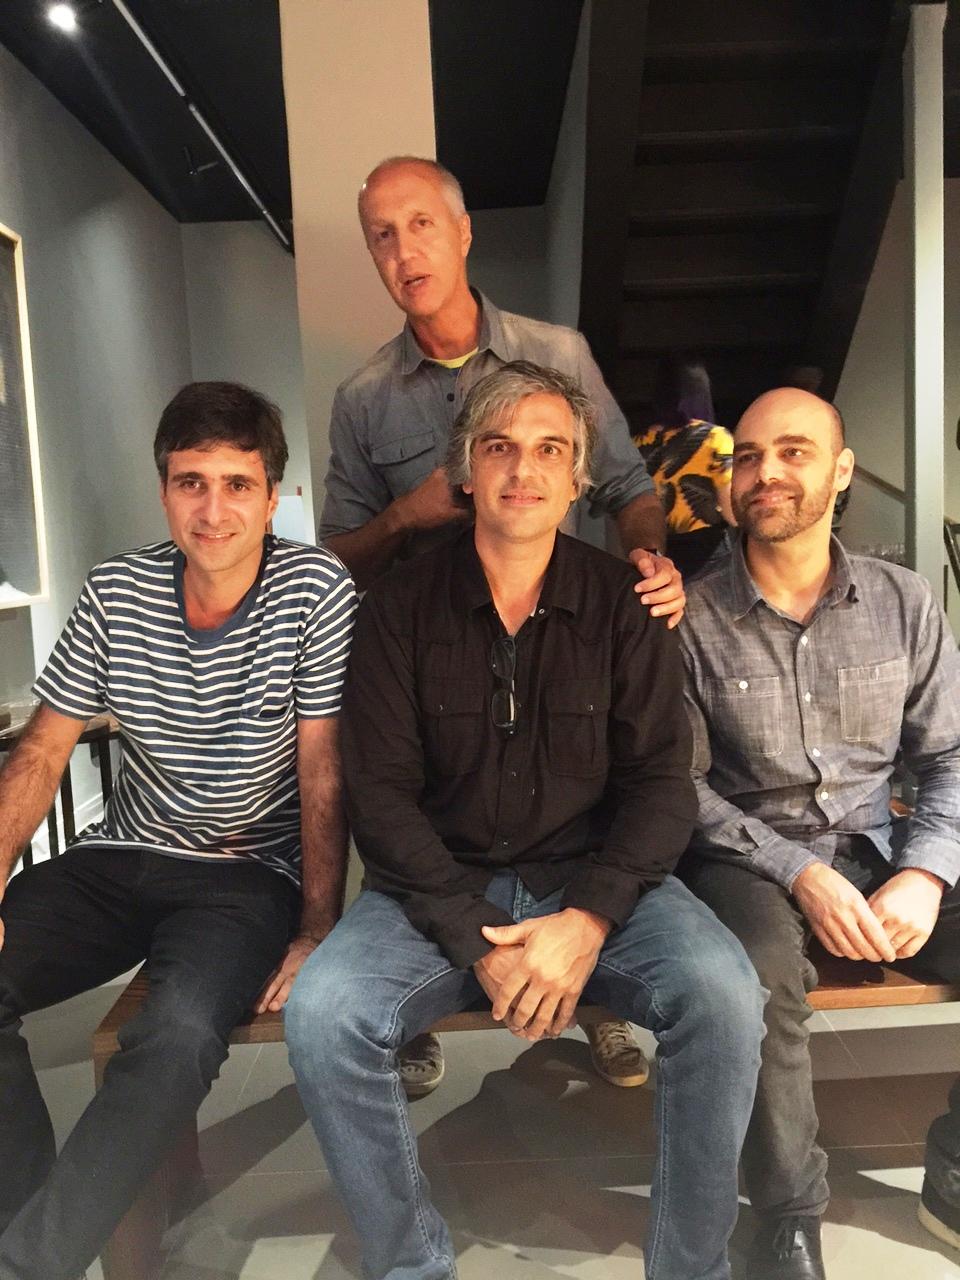 Otavio Nazaretg, Marcelo Vasconcellos, Pedro Moog e Leonardo Latavo